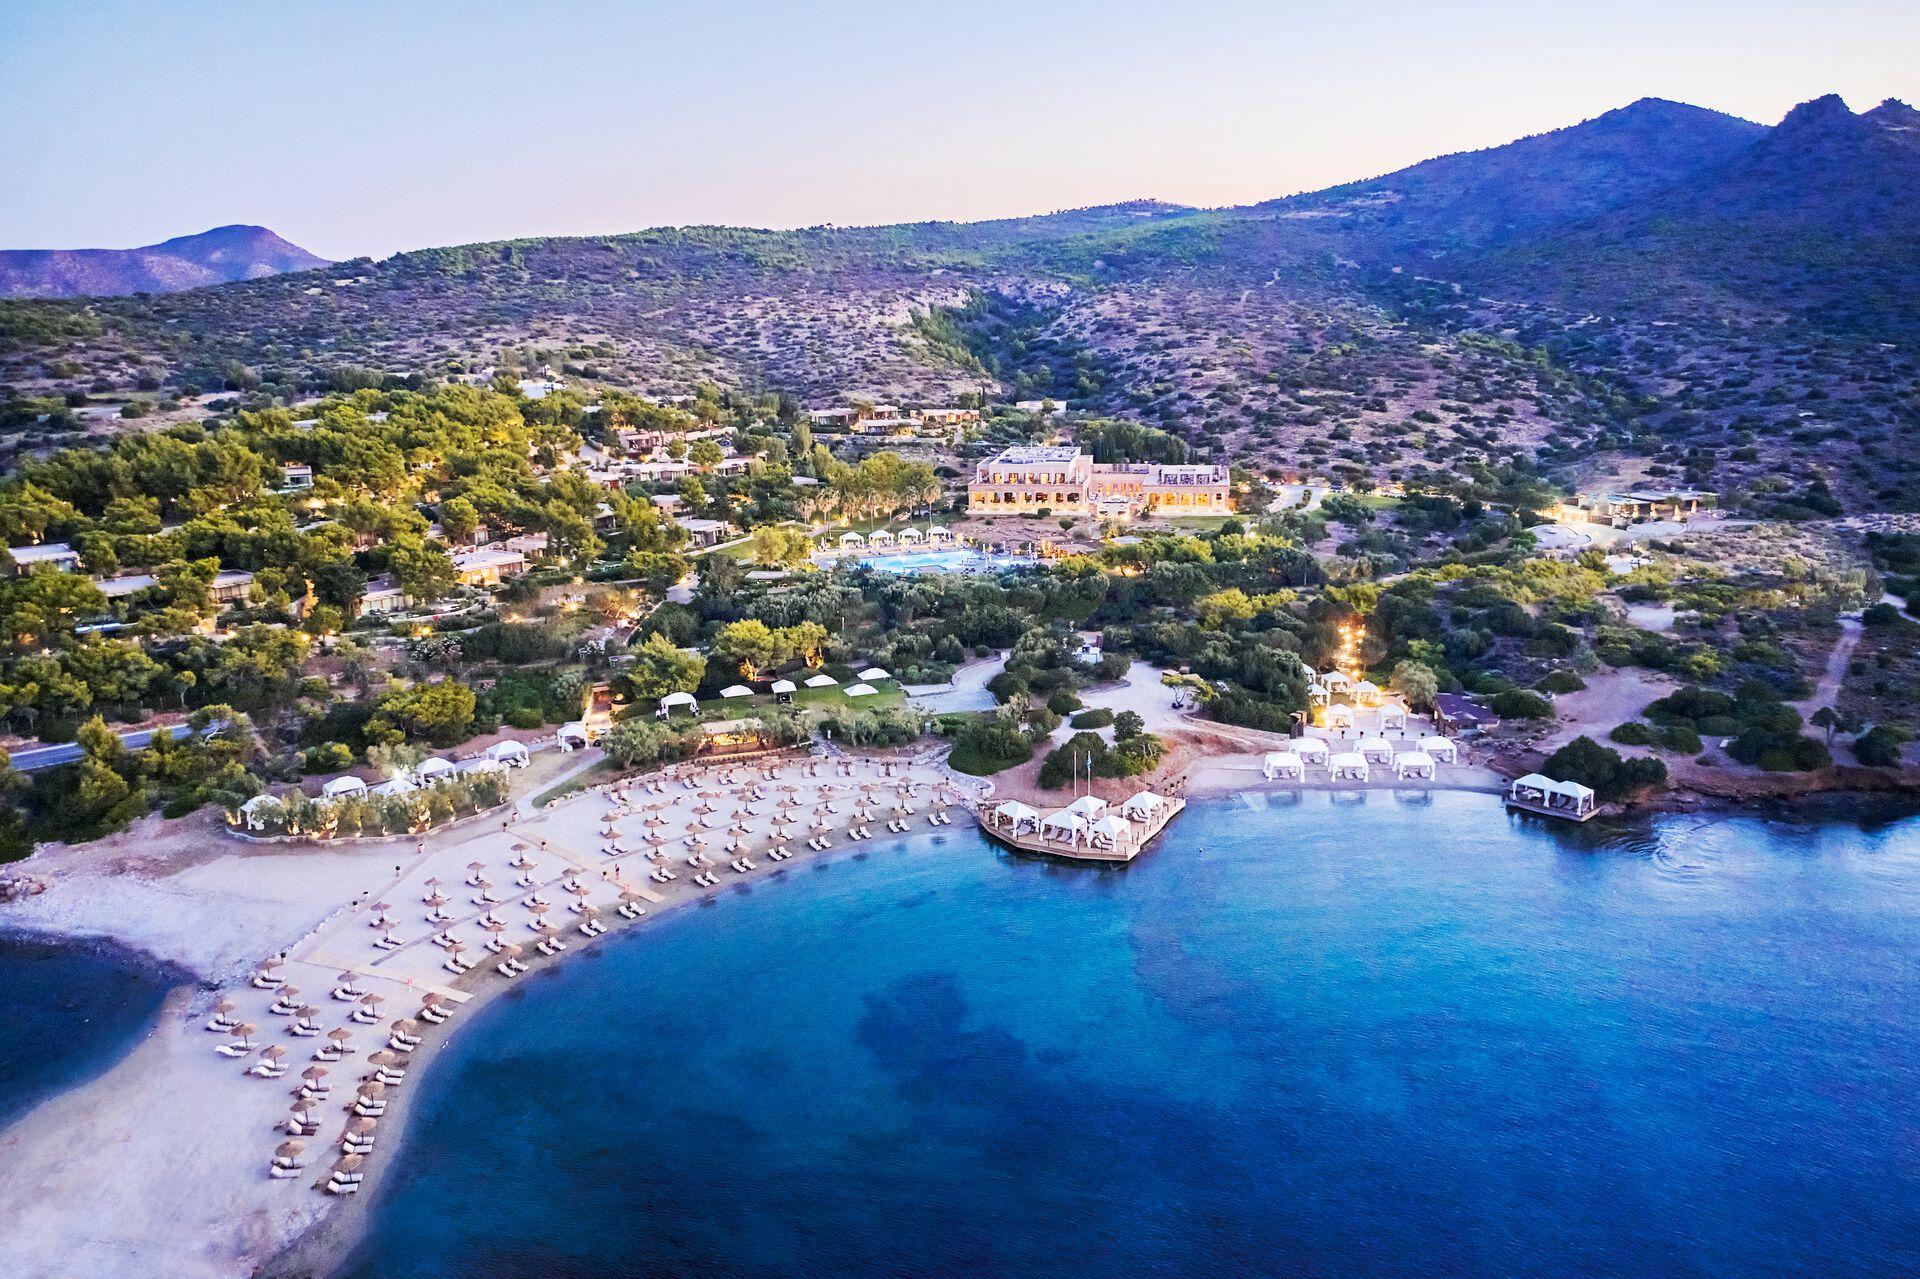 Cape Sounio Grecotel Resort